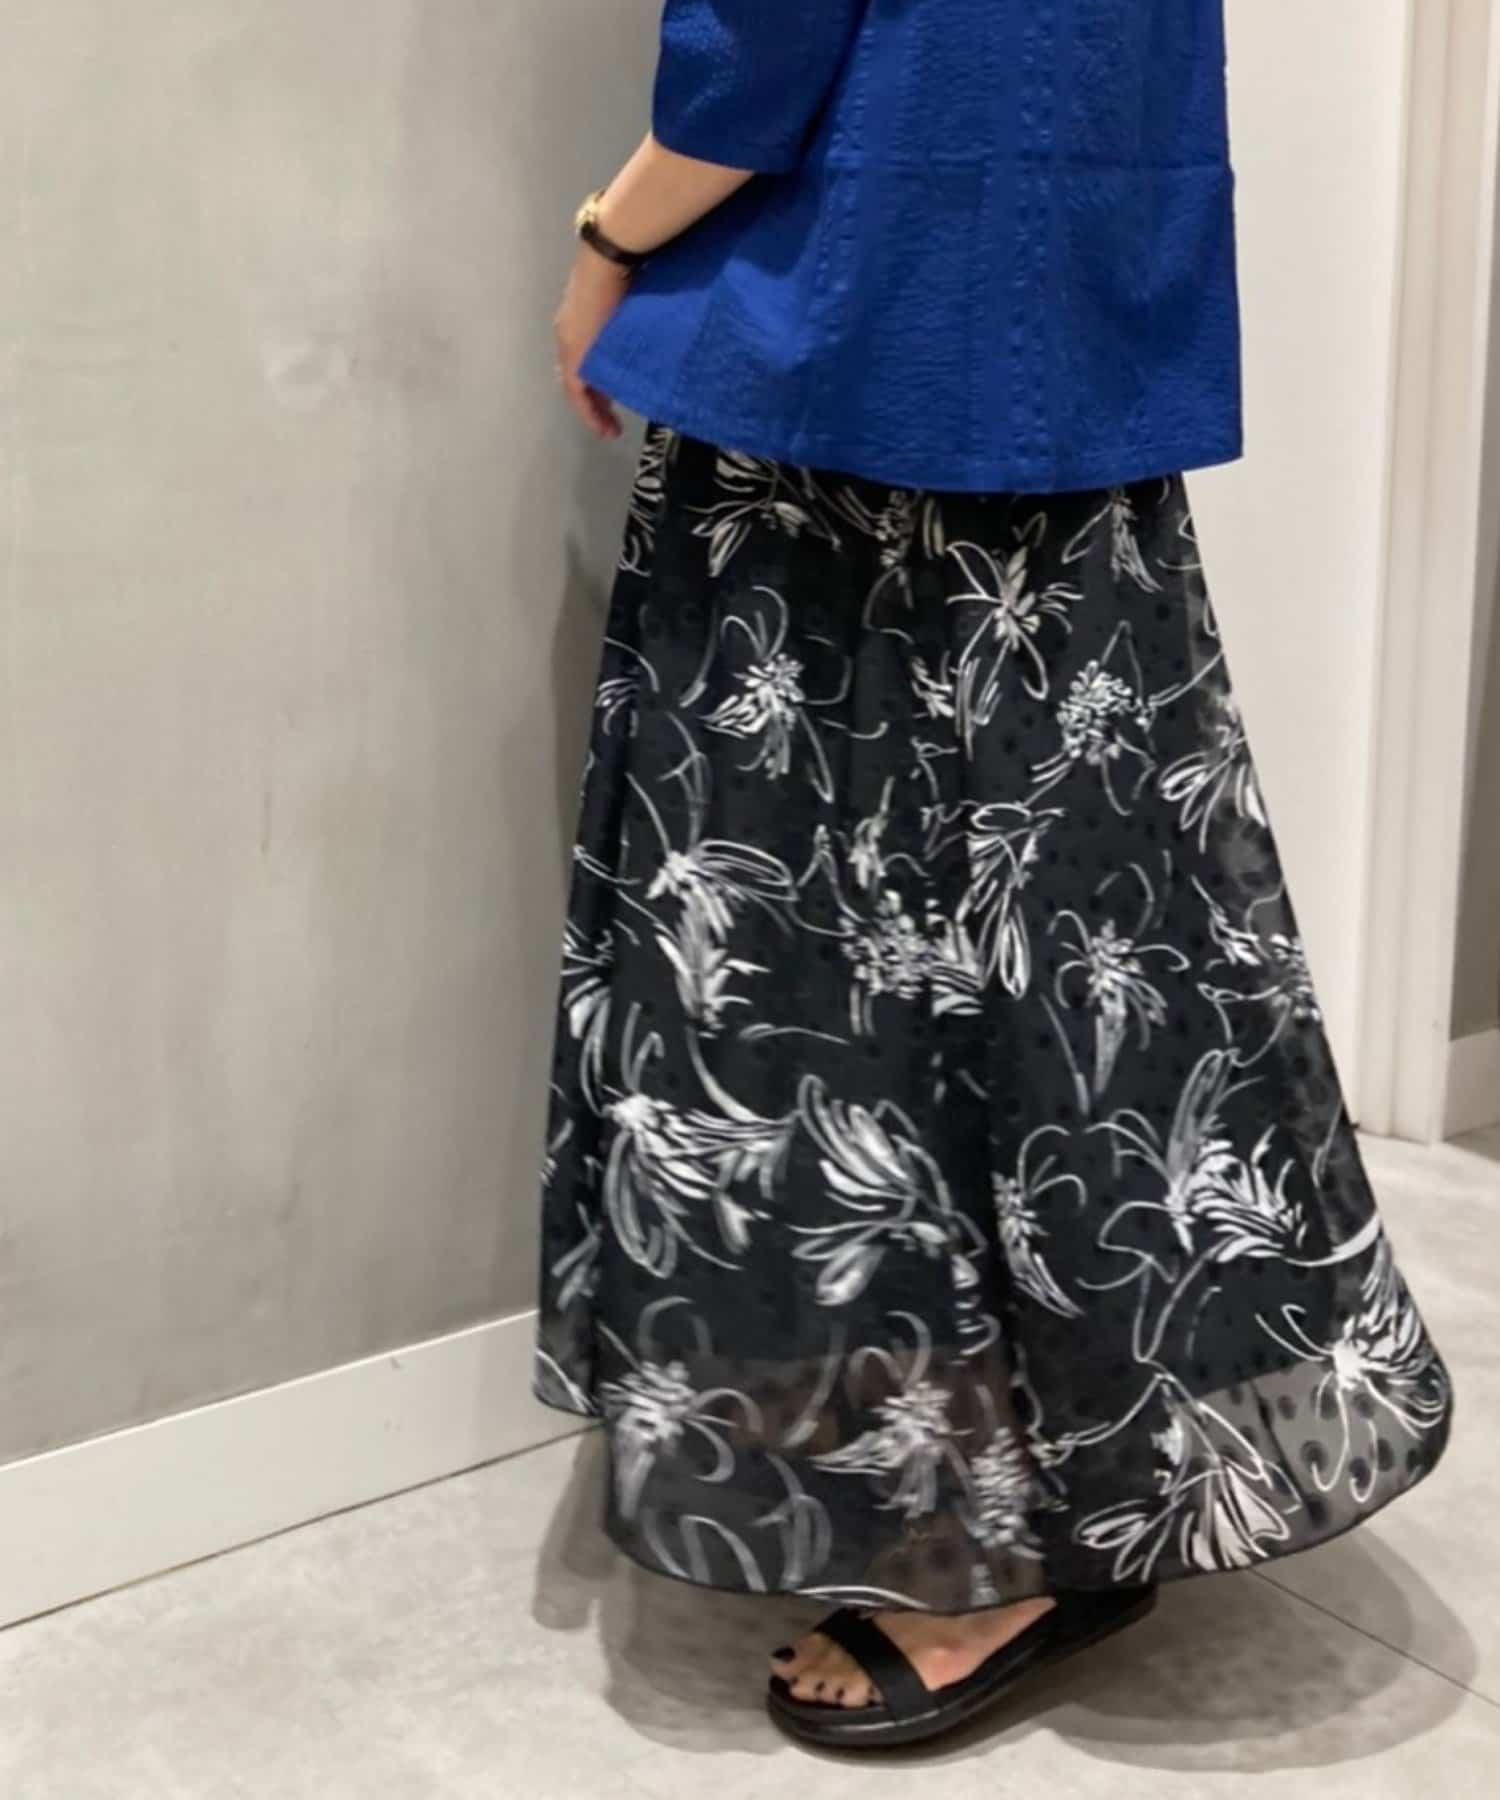 Pal collection(パルコレクション) 《涼し気シアー》ボタニカルスカート